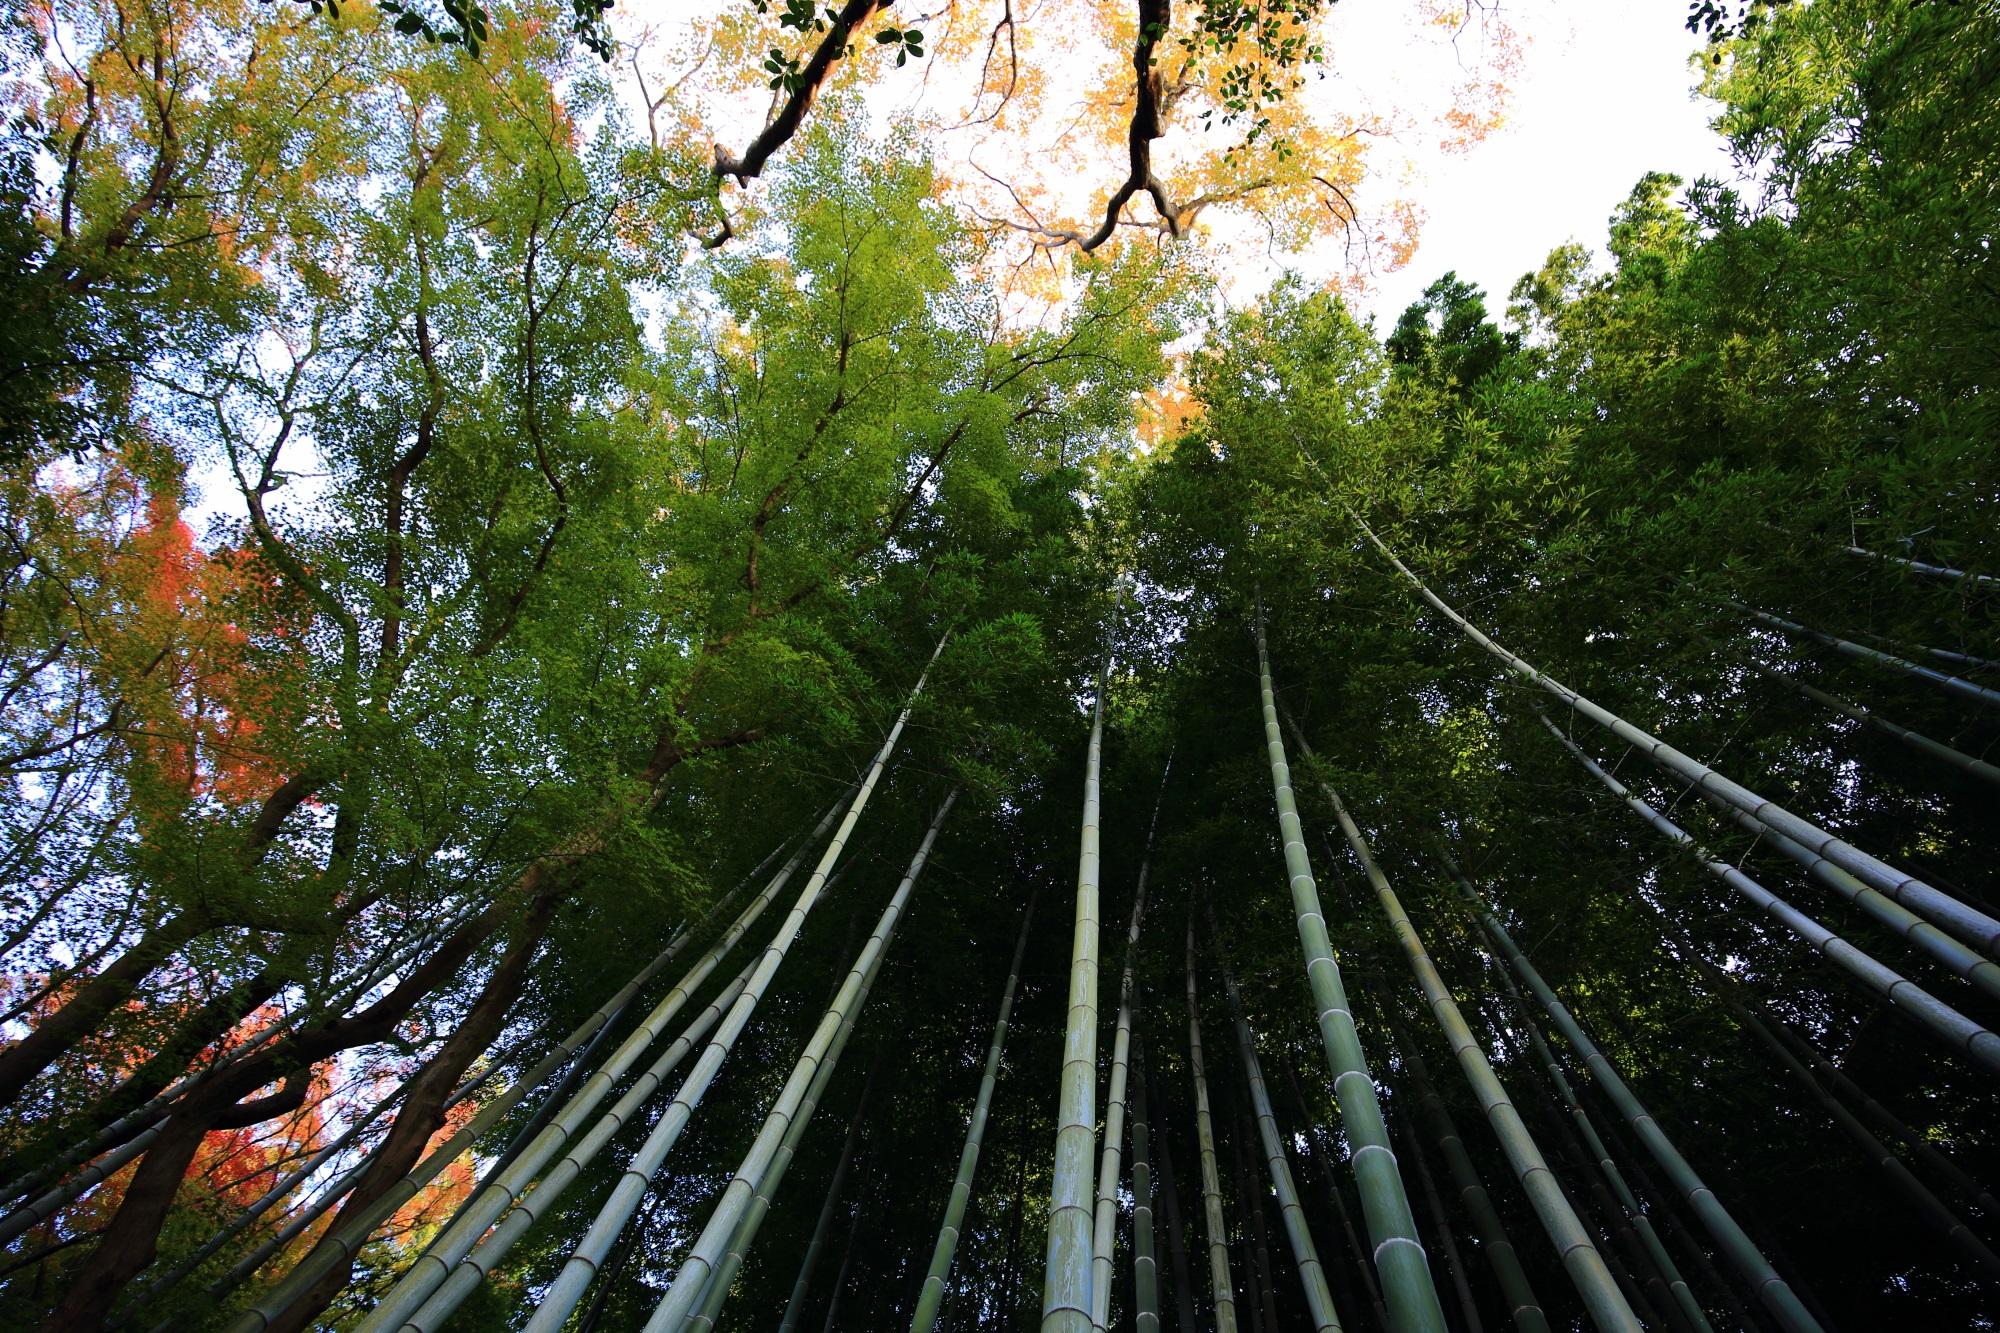 青蓮院の優美な竹林